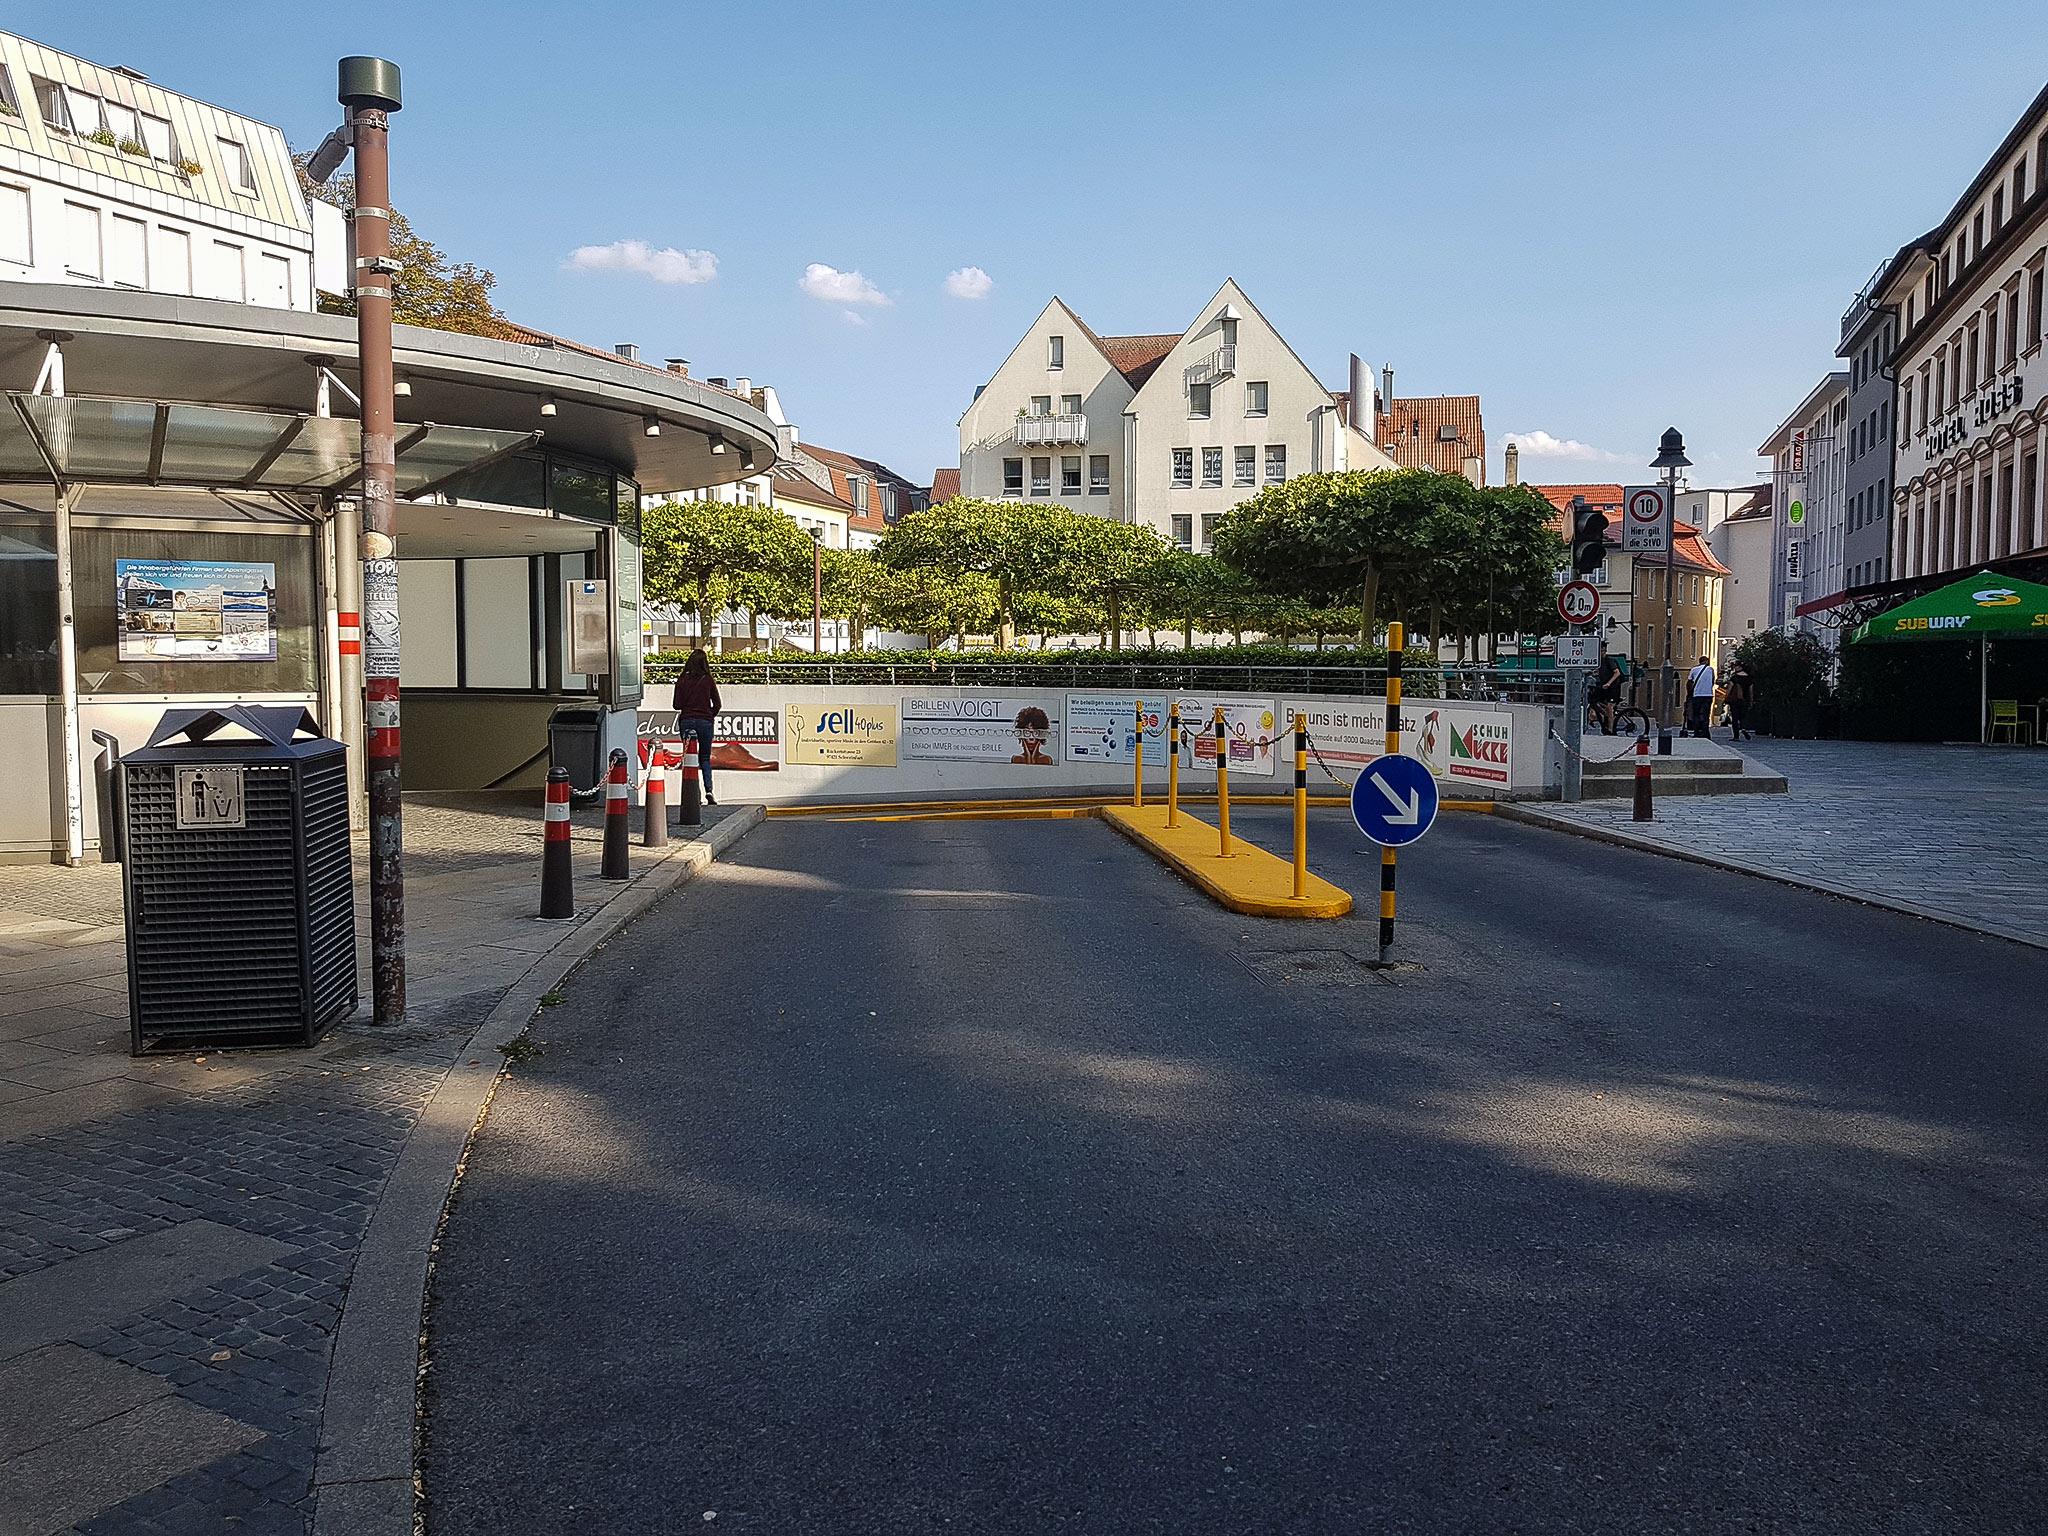 Shopping nach Belieben und die Kosten fürs Parkticket sparen? Darüber freuen sich nicht nur Sparfüchse. Foto: Dirk Flieger